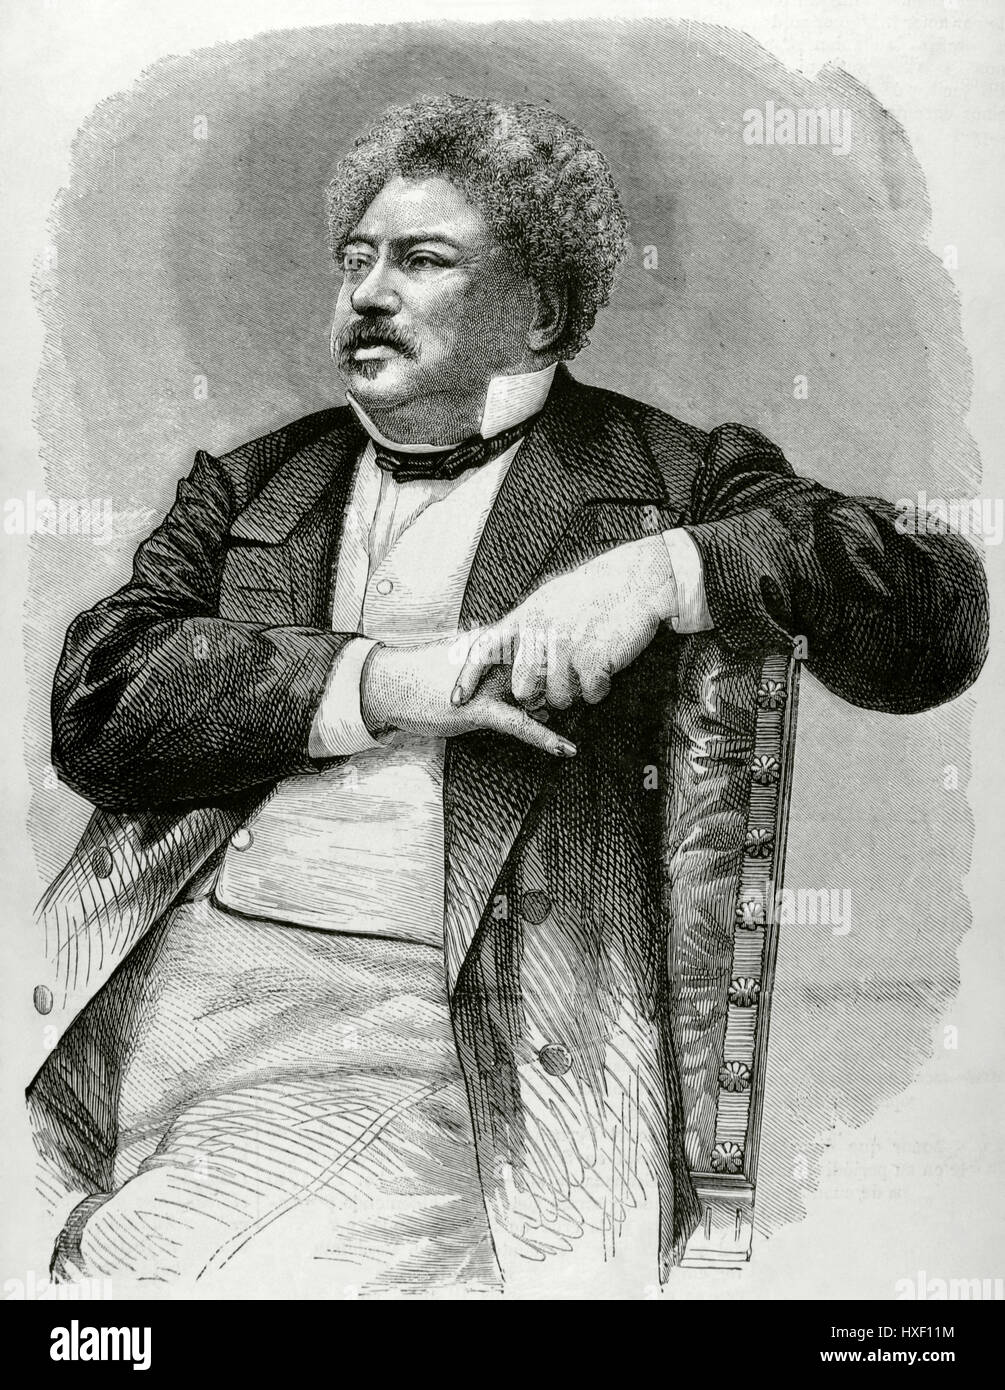 Alexandre Dumas (1802-1870). Französischer Schriftsteller. Romantik und historische Fiktion literarische Bewegung. Stockbild